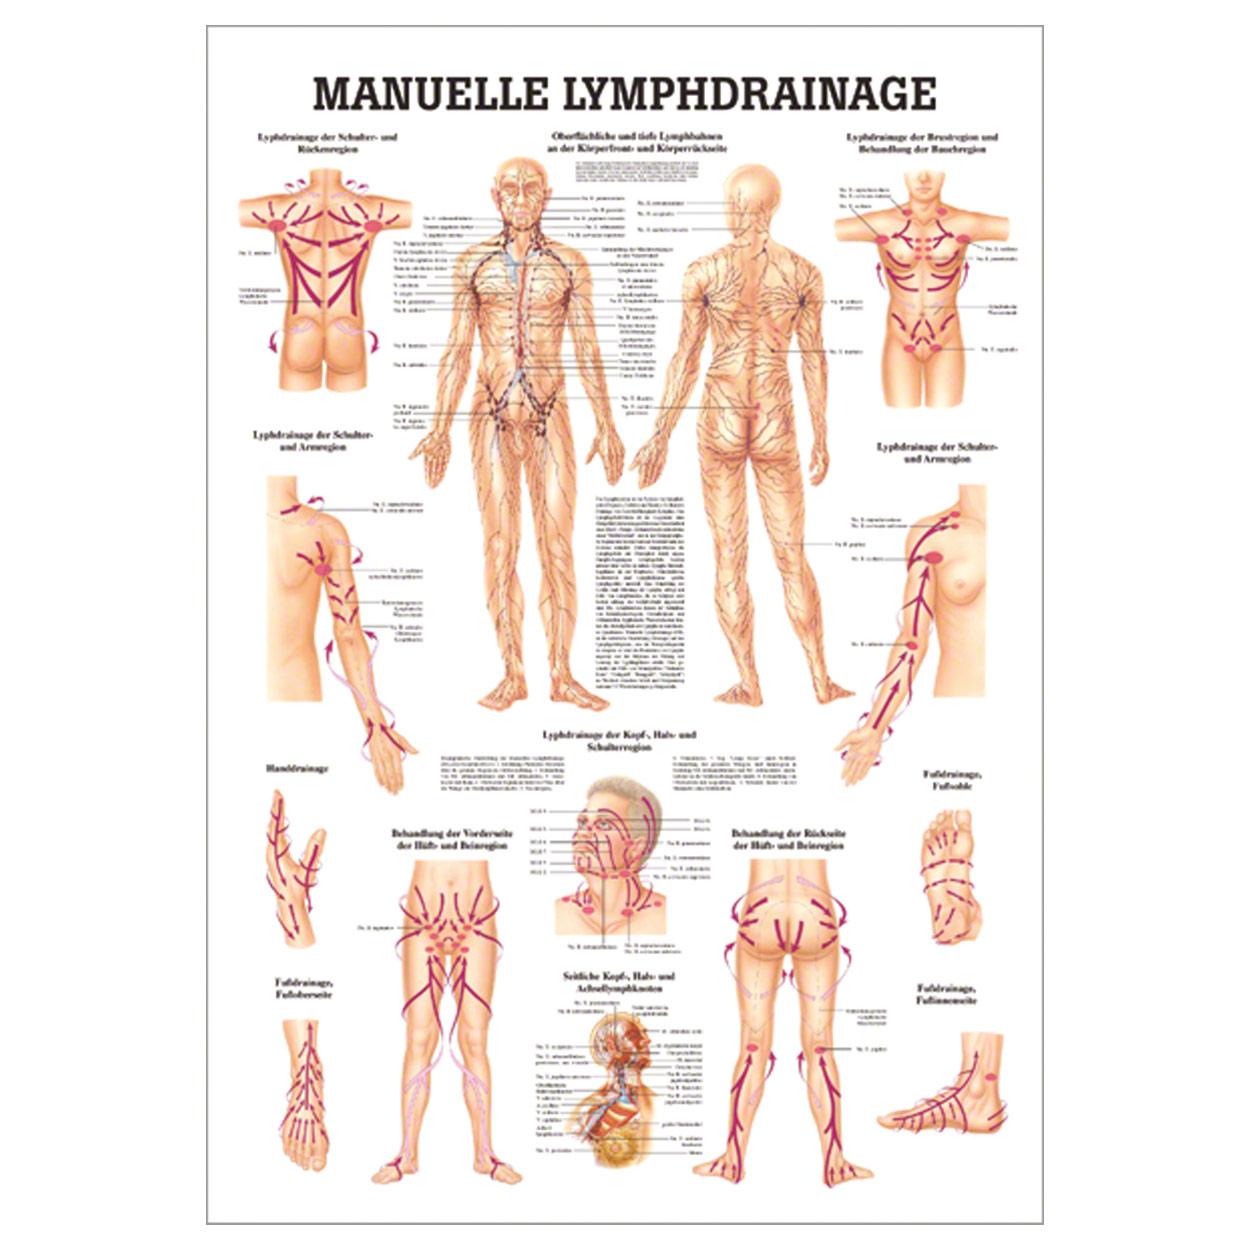 Manuelle Lymphdrainage Mini-Poster Anatomie 34x24 cm medizinische ...